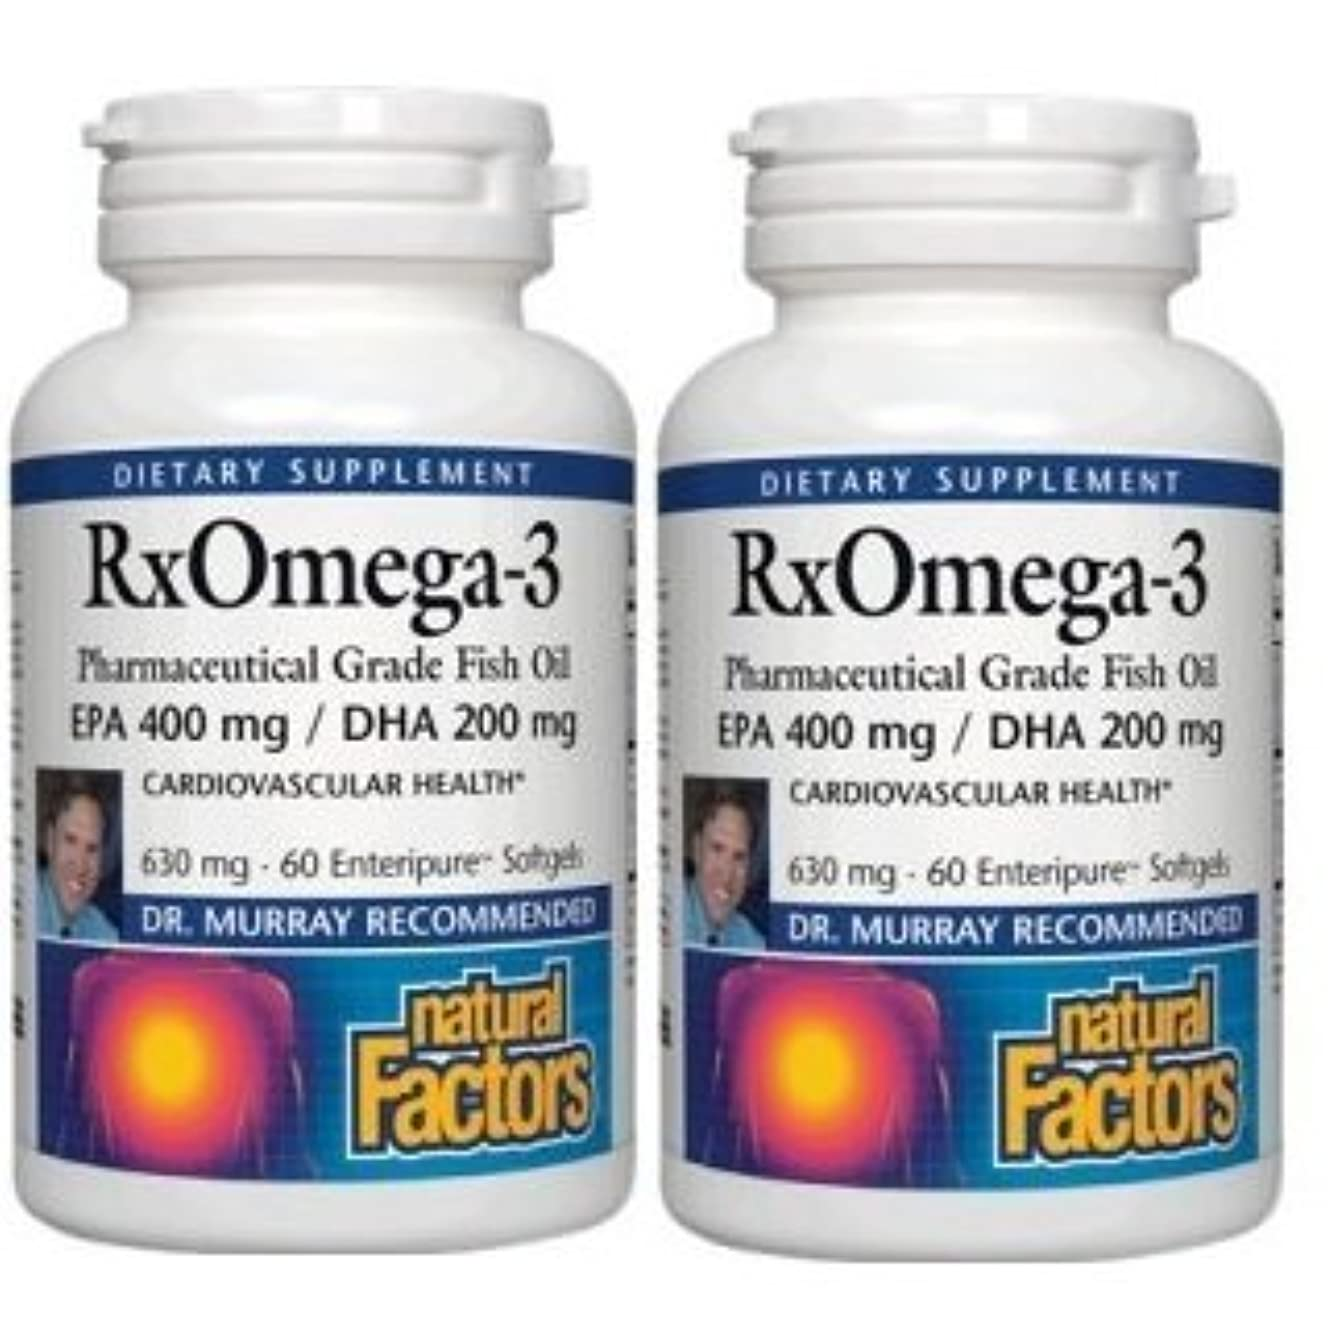 裏切り者ギャング注釈を付ける【2本セット】【海外直送品】Natural Factors - RxOmega-3 Factors EPA 400 mg/DHA 200 mg - 60ソフトジェル